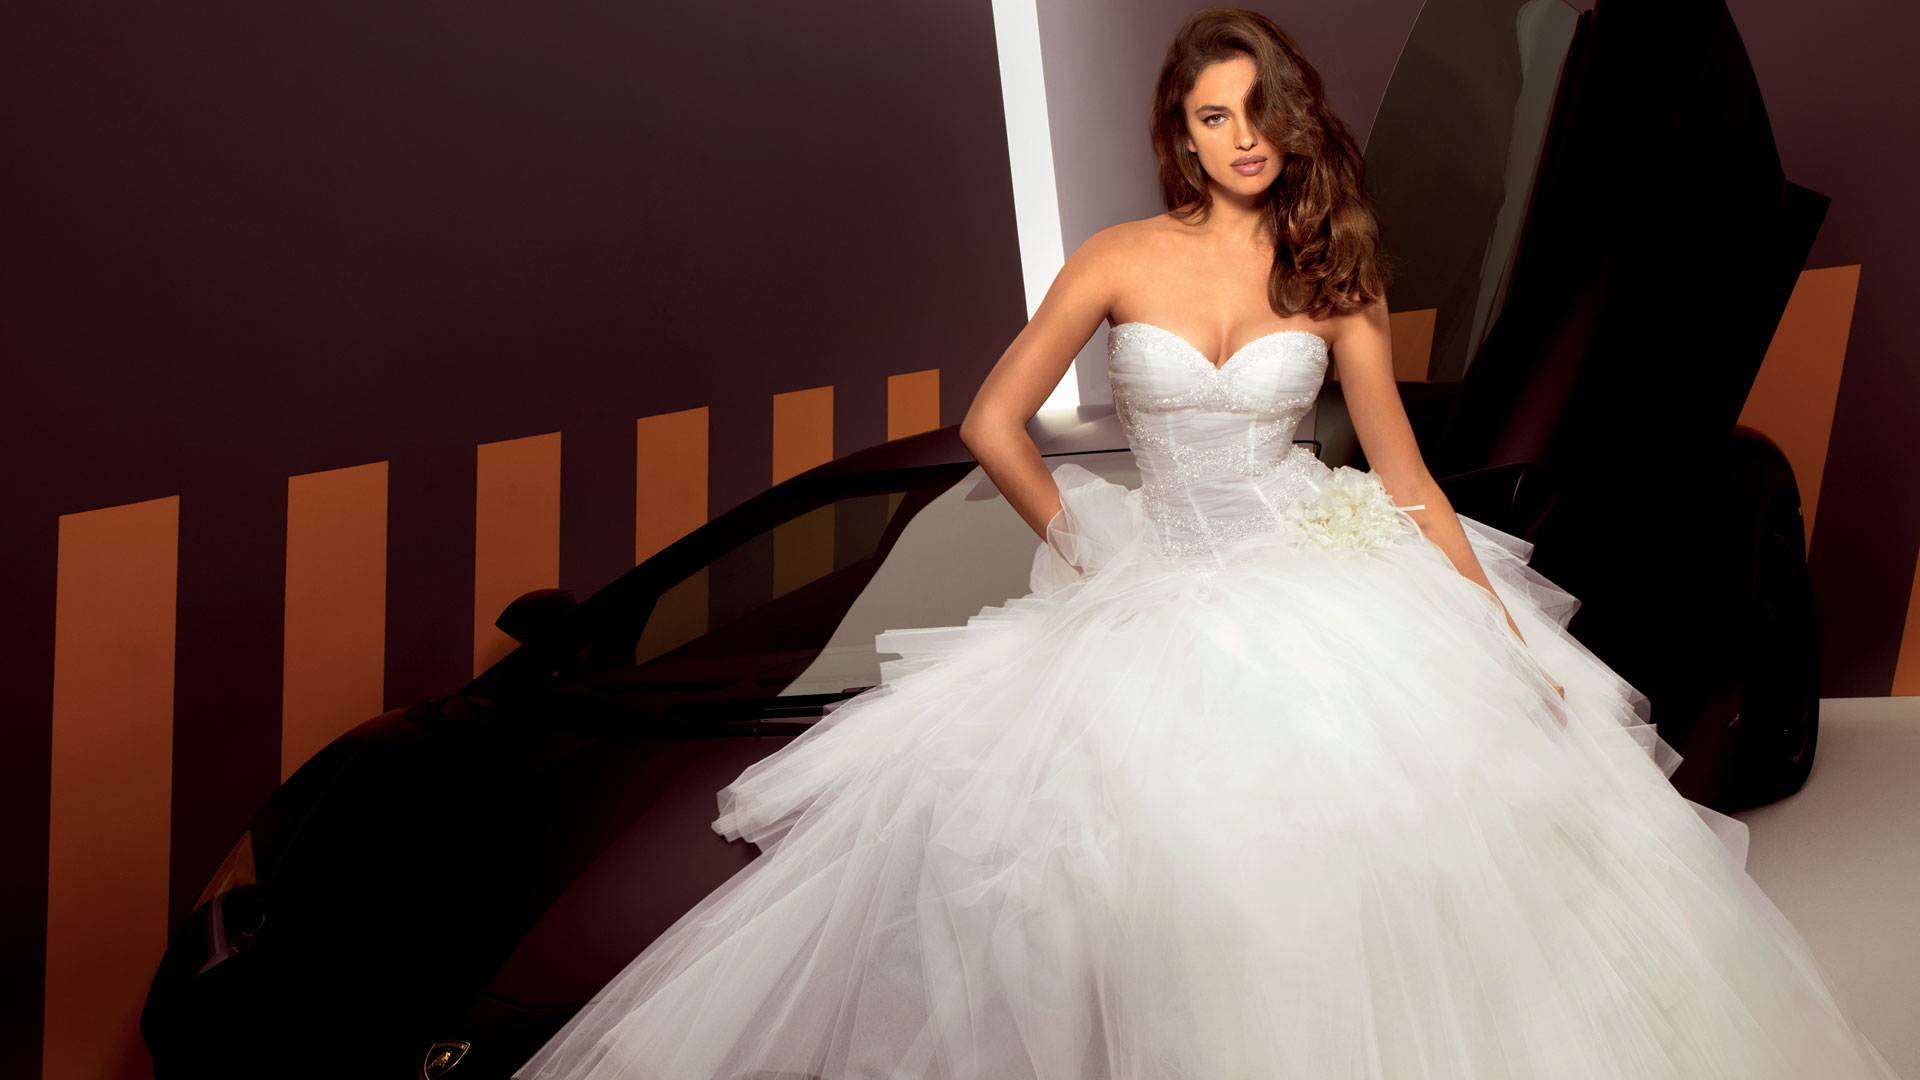 Фото красивых девушек в свадебных платьях